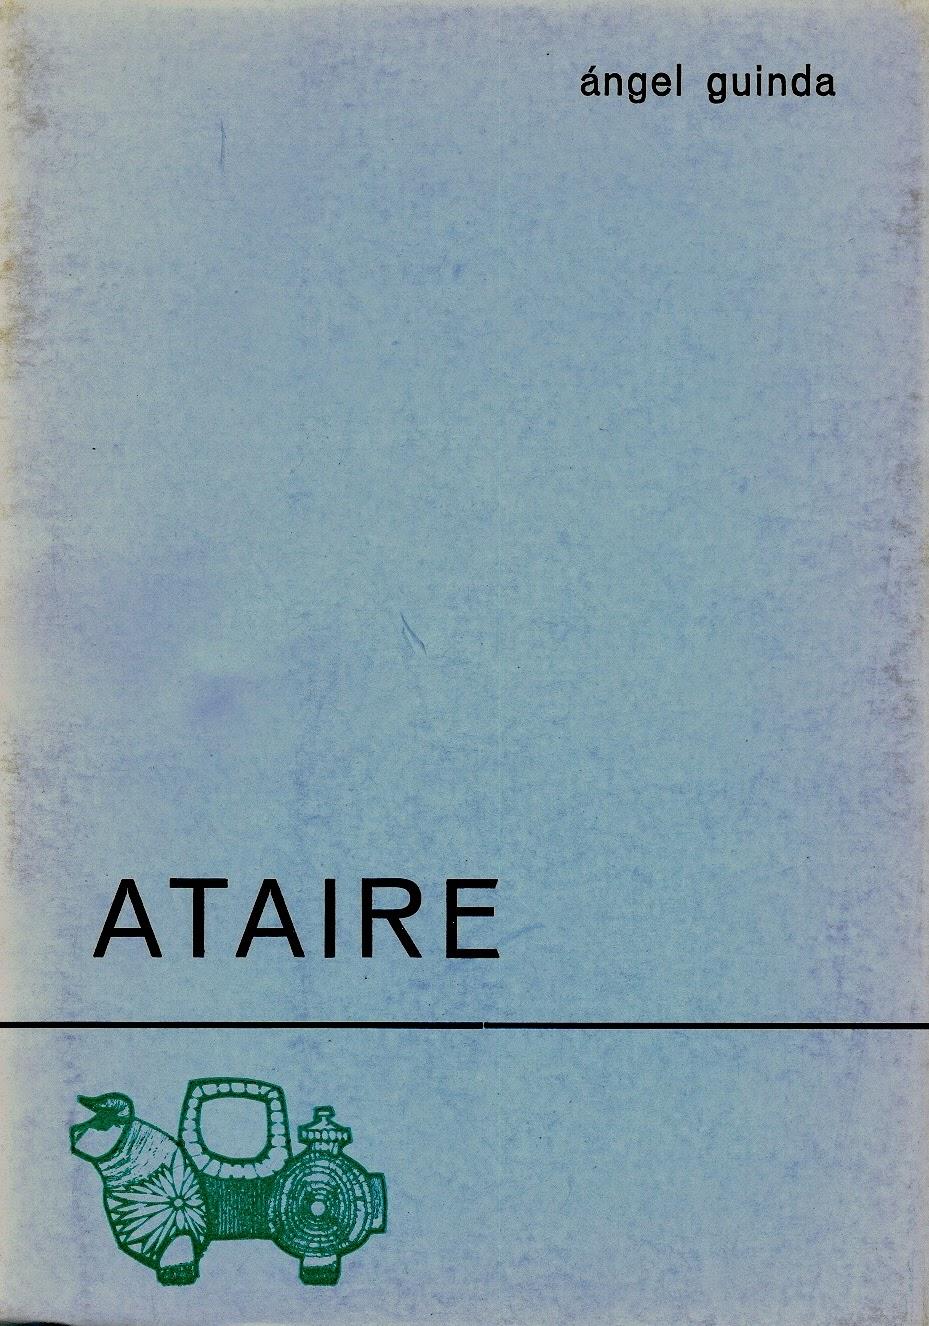 """Ángel Guinda, """"Ataire"""". Col. Azul de Poesía. Ed. El Toro de Barro, Carboneras del Guadazón, 1975. edicioneseltorodebarro@yahoo.es"""